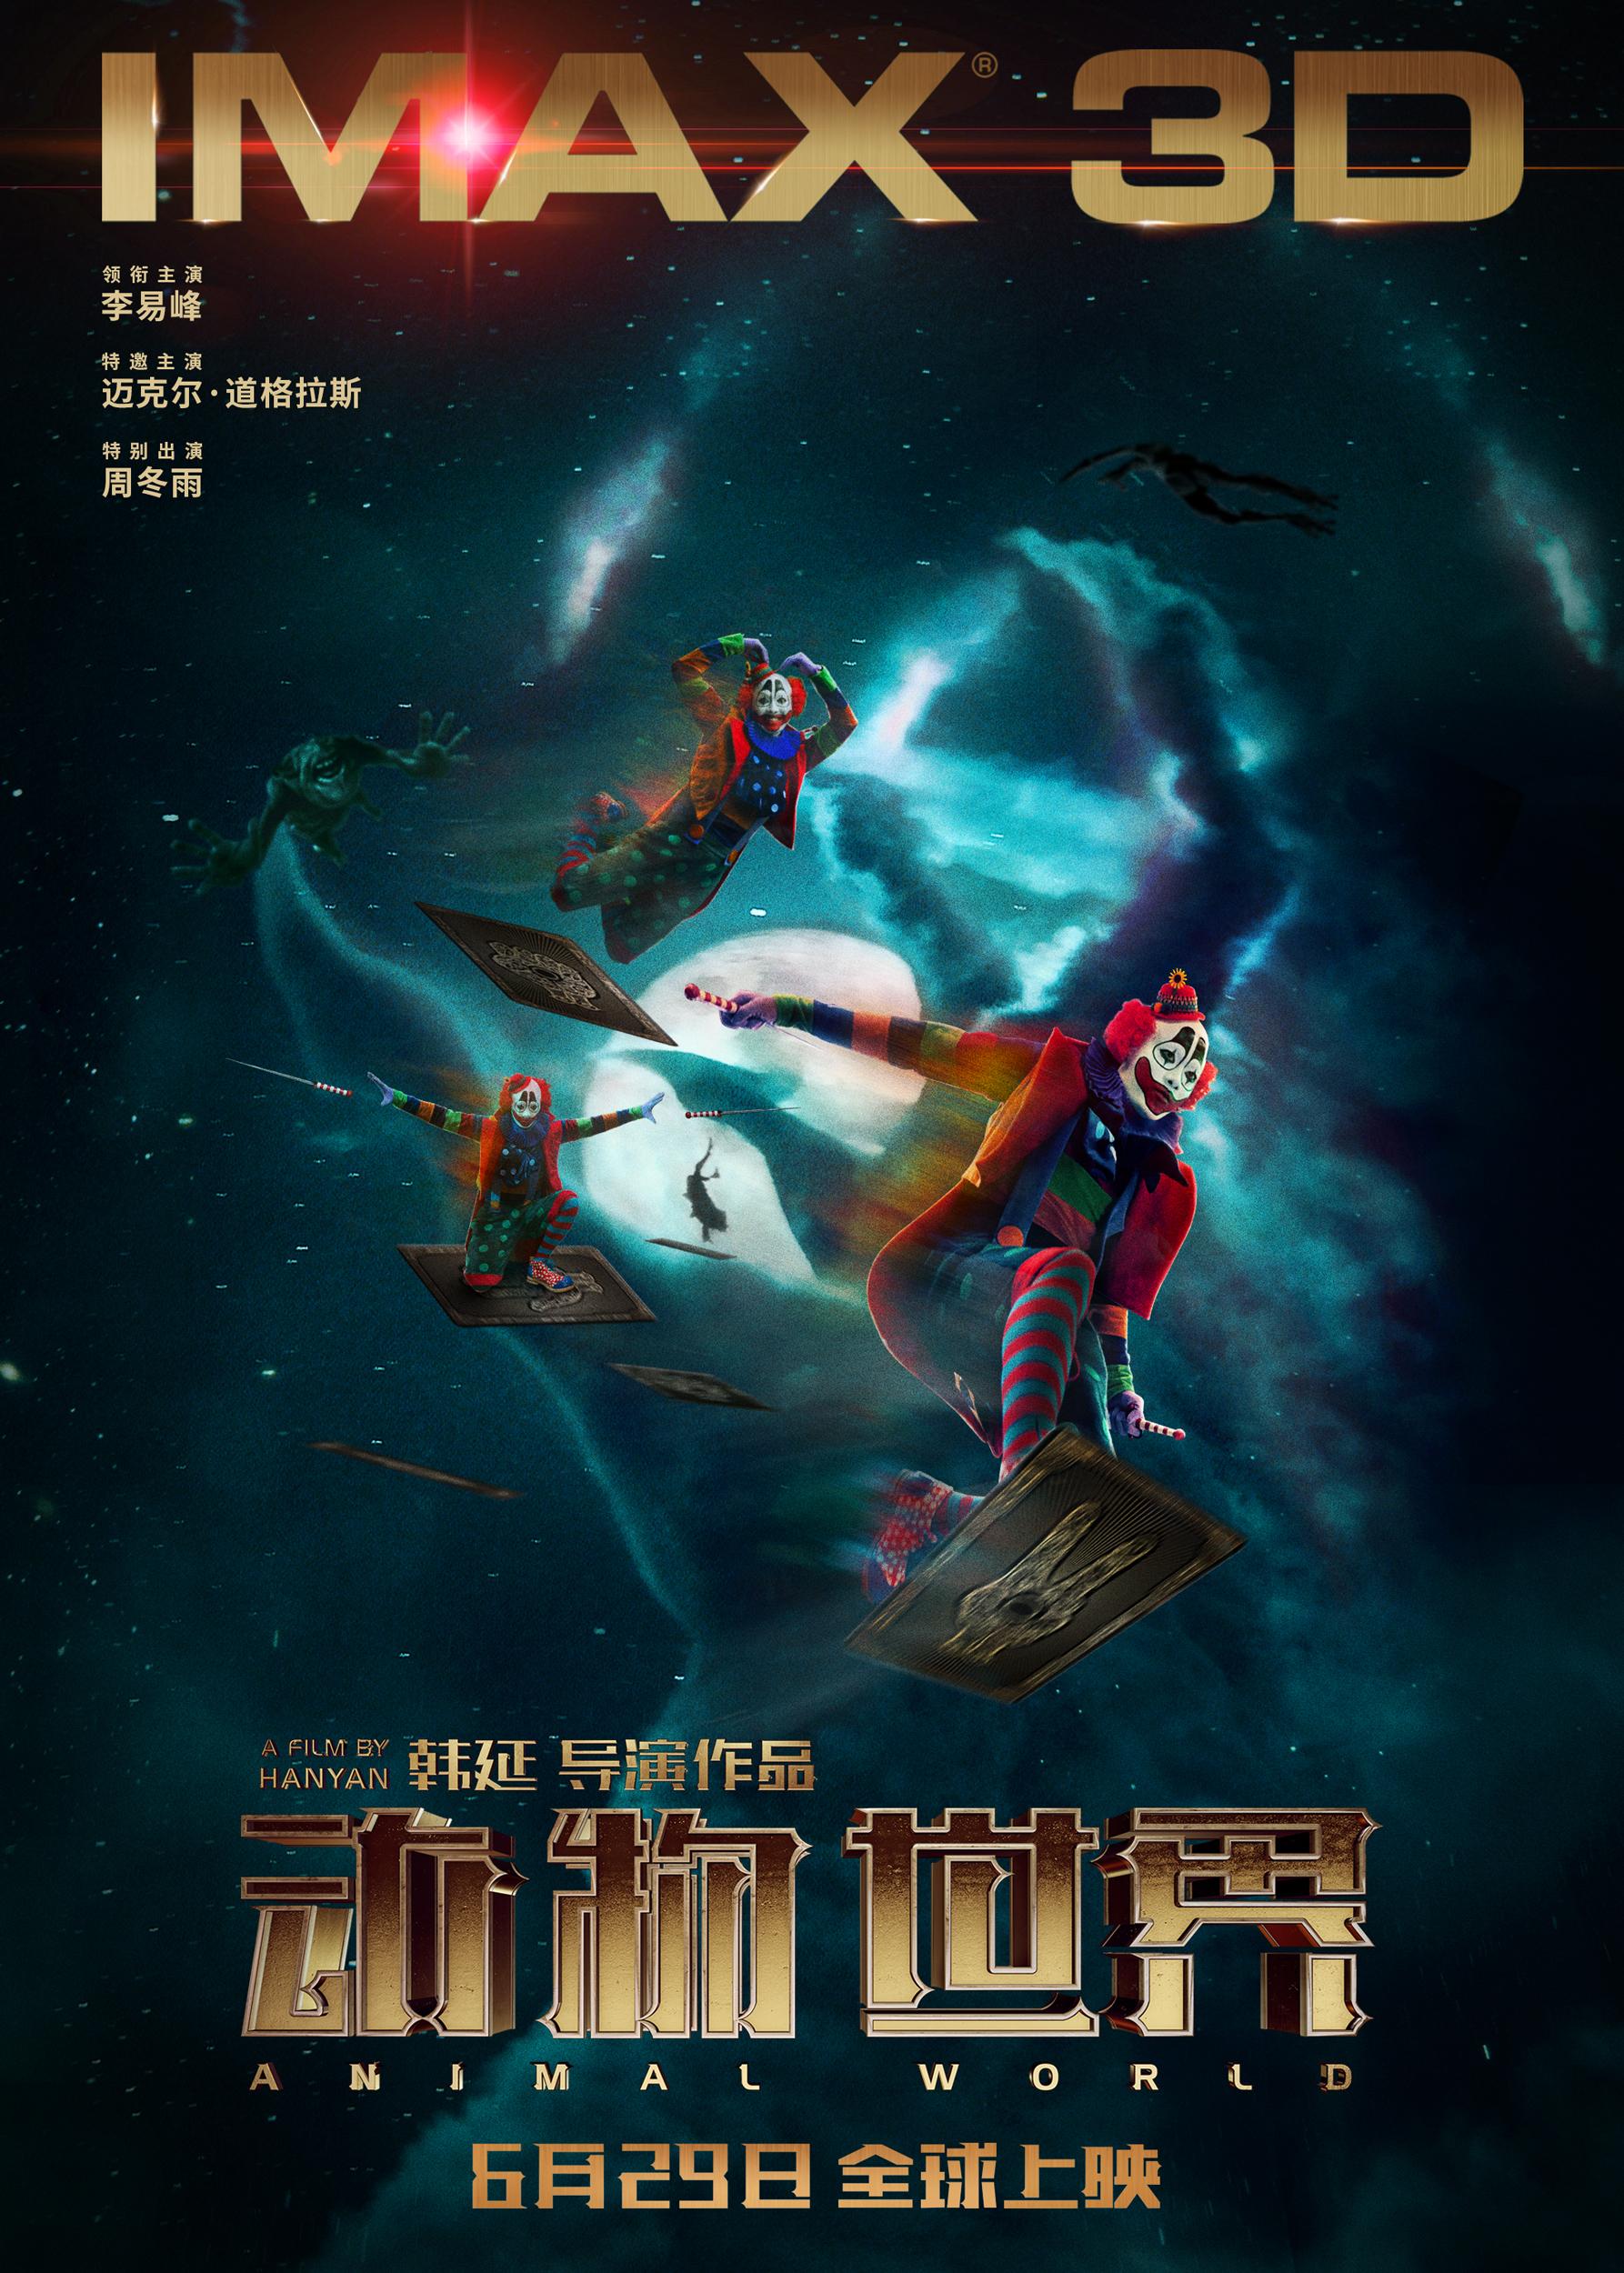 《动物世界》IMAX 3D版同步公映 6.29游轮热血开启